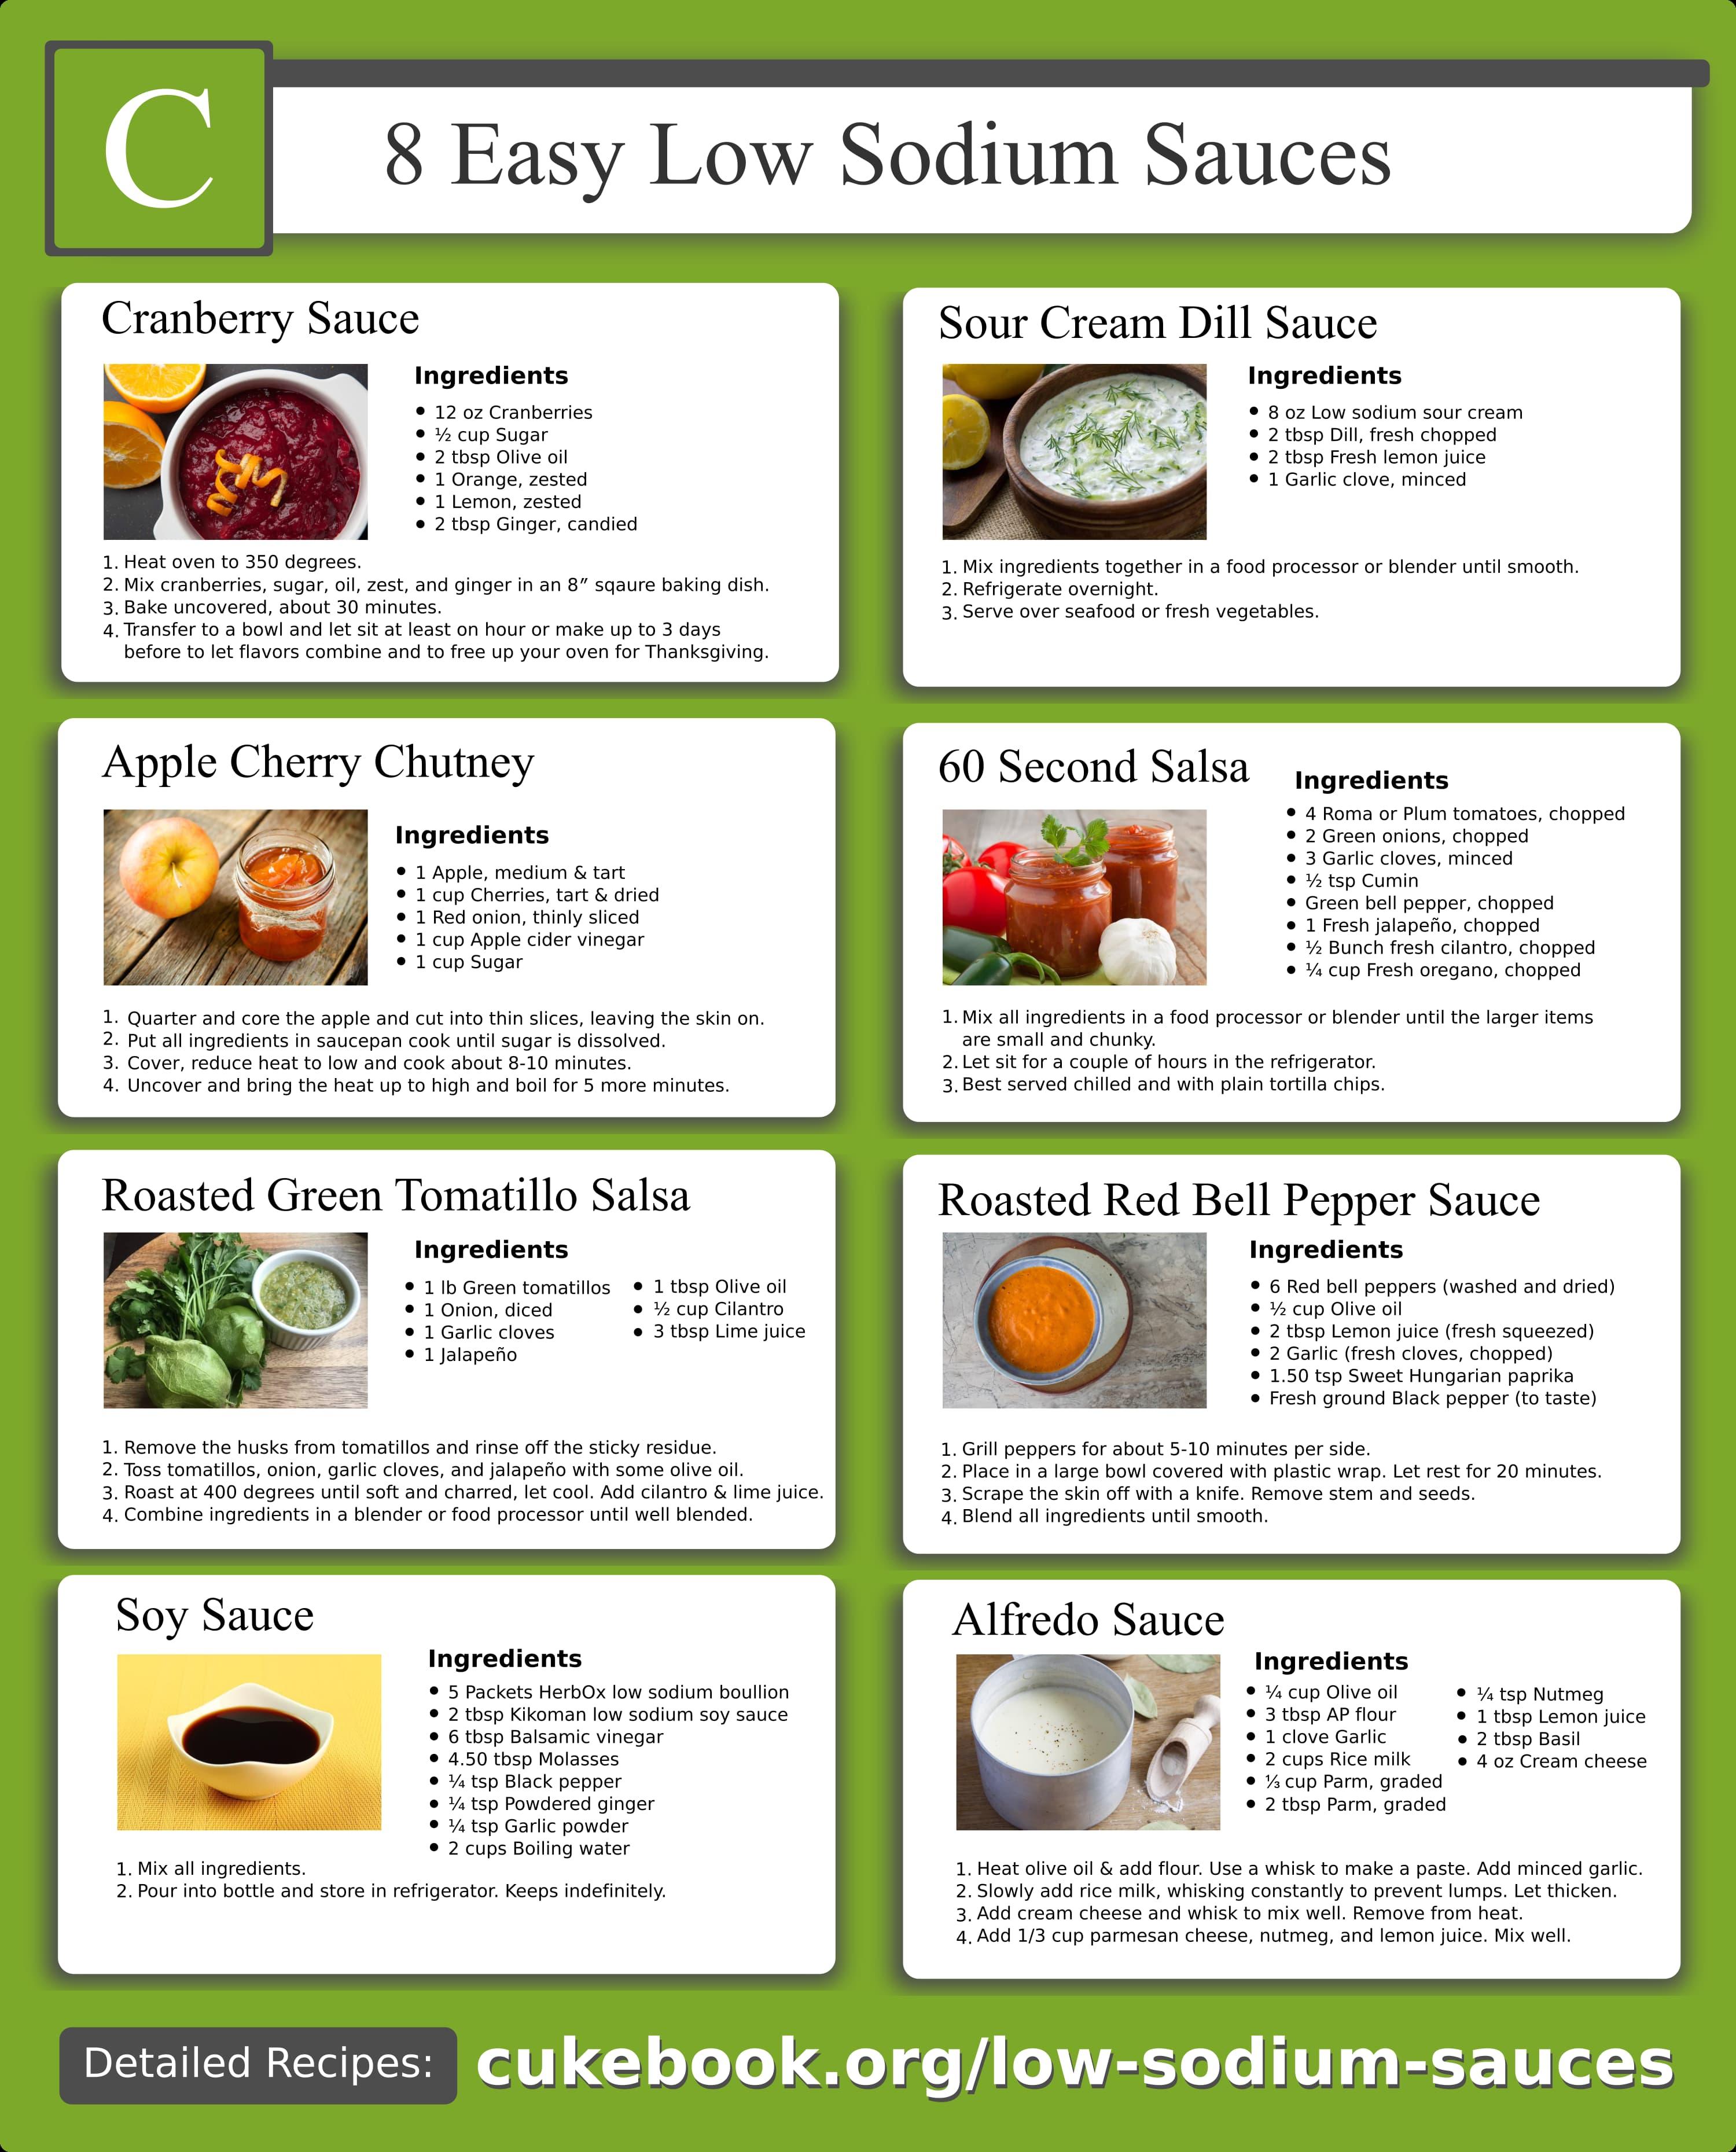 low sodium sauces infographic